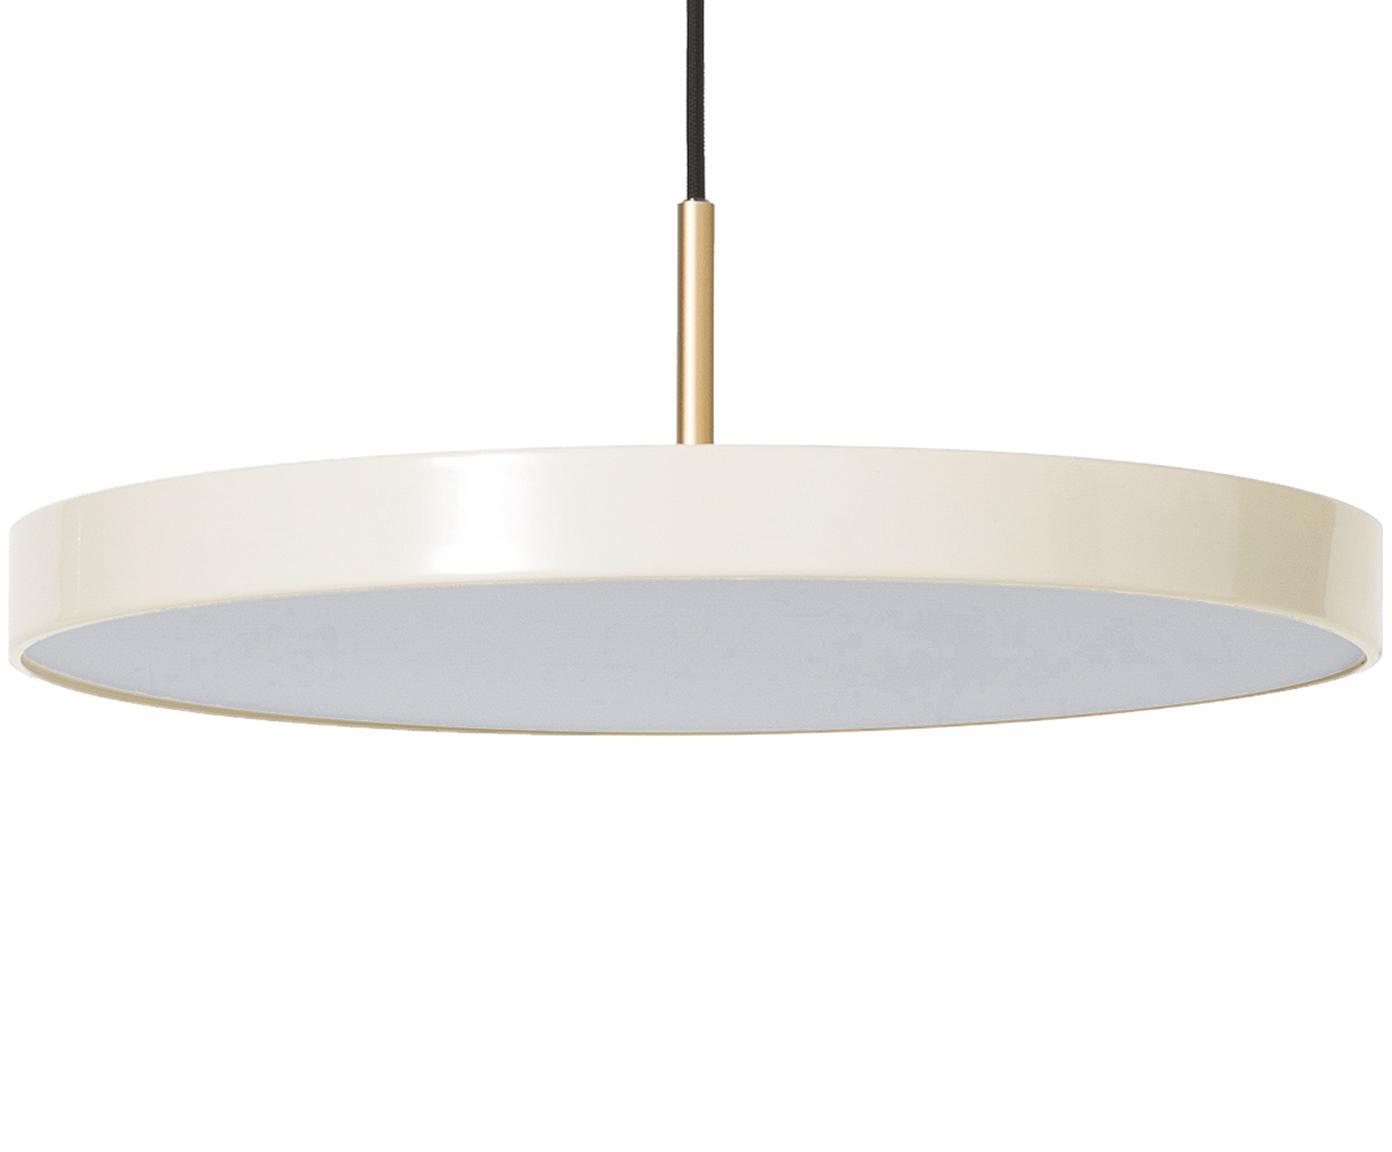 Lampa wisząca LED  Asteria, Kremowobiały, Ø 43 x W 15 cm